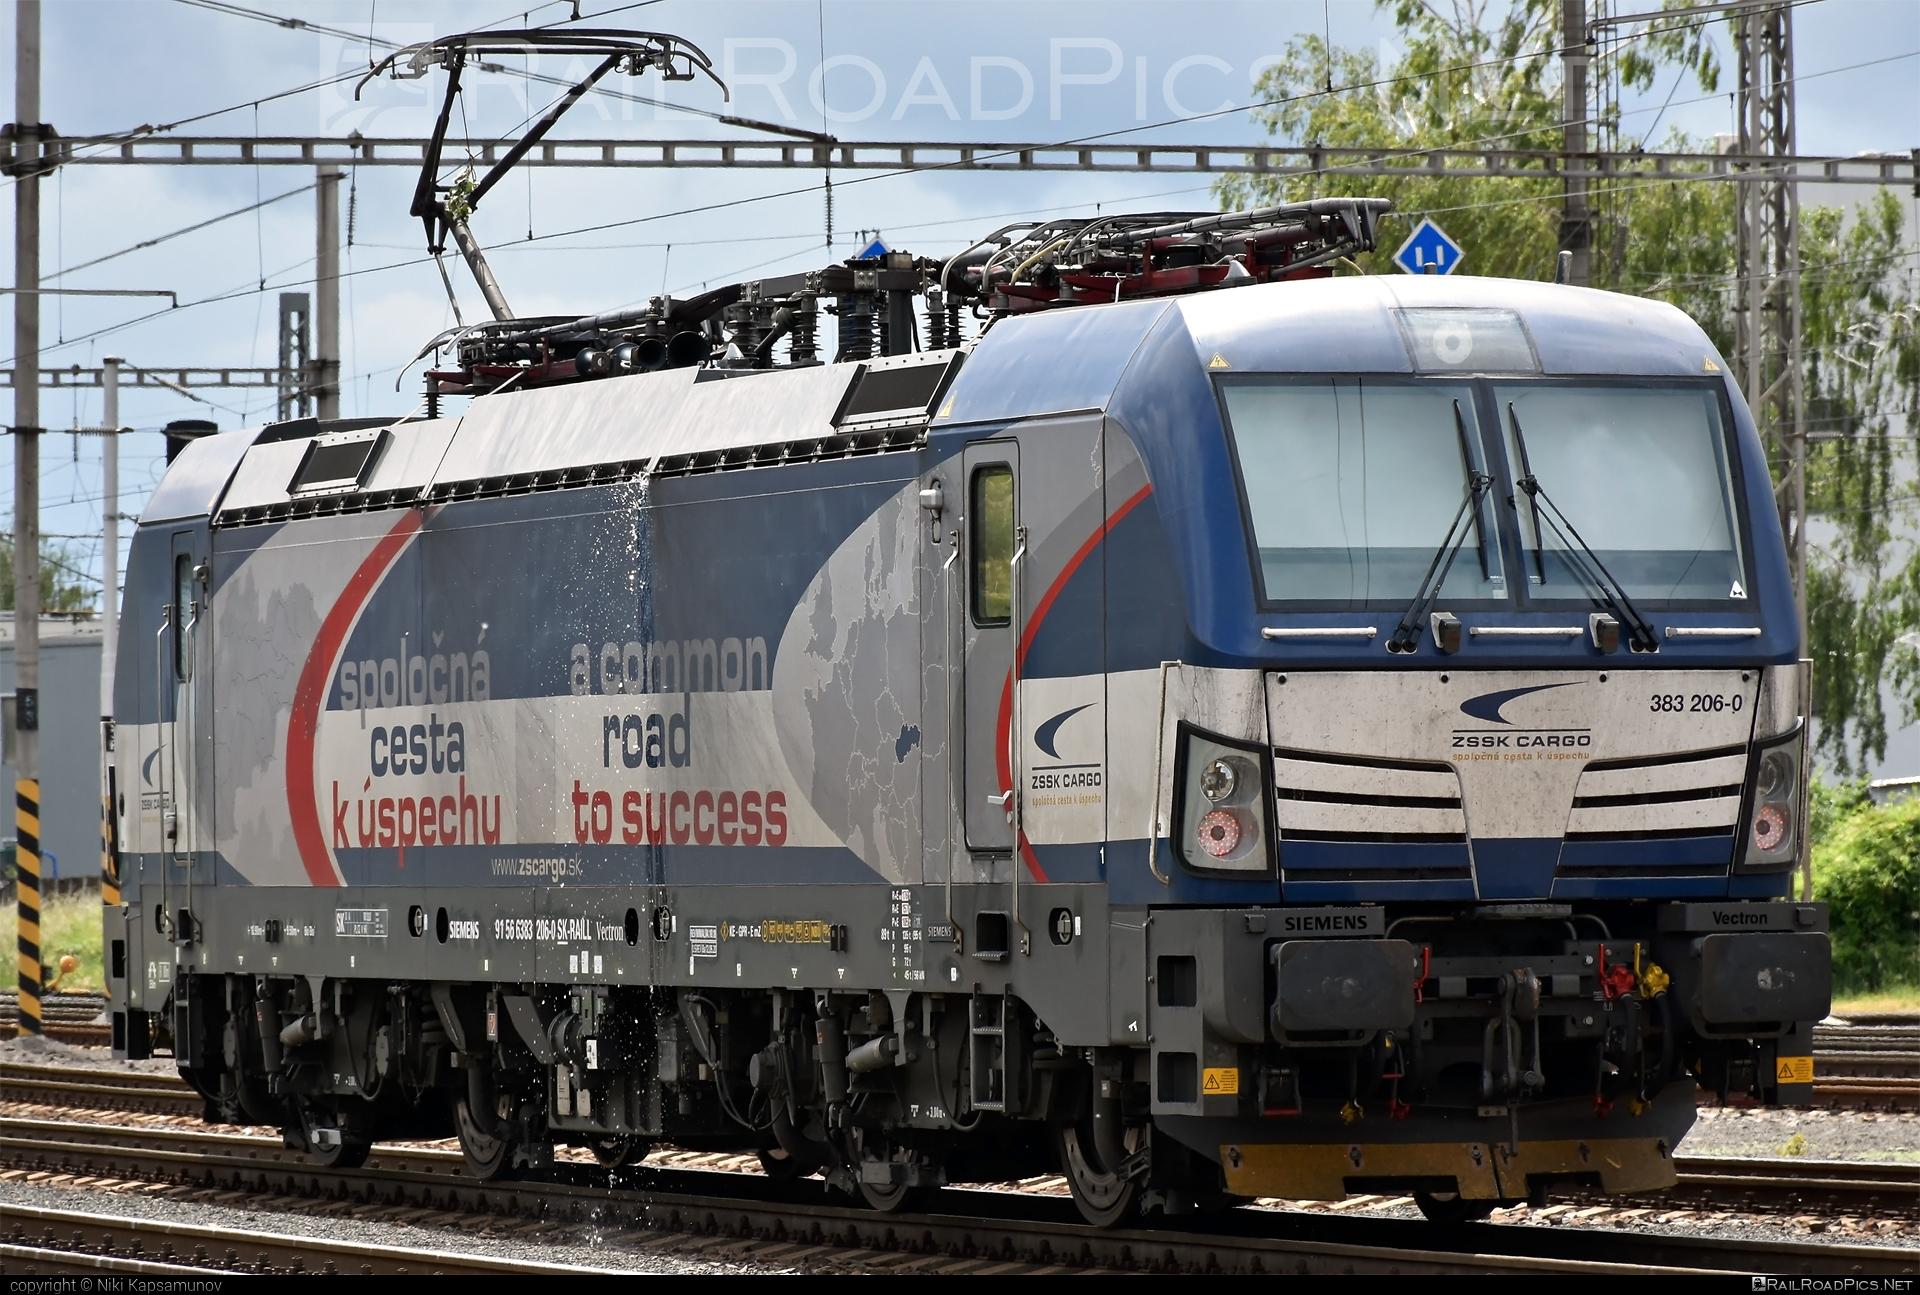 Siemens Vectron MS - 383 206-0 operated by Železničná Spoločnost' Cargo Slovakia a.s. #SRailLease #SRailLeaseSro #ZeleznicnaSpolocnostCargoSlovakia #raill #siemens #siemensvectron #siemensvectronms #vectron #vectronms #zsskcargo